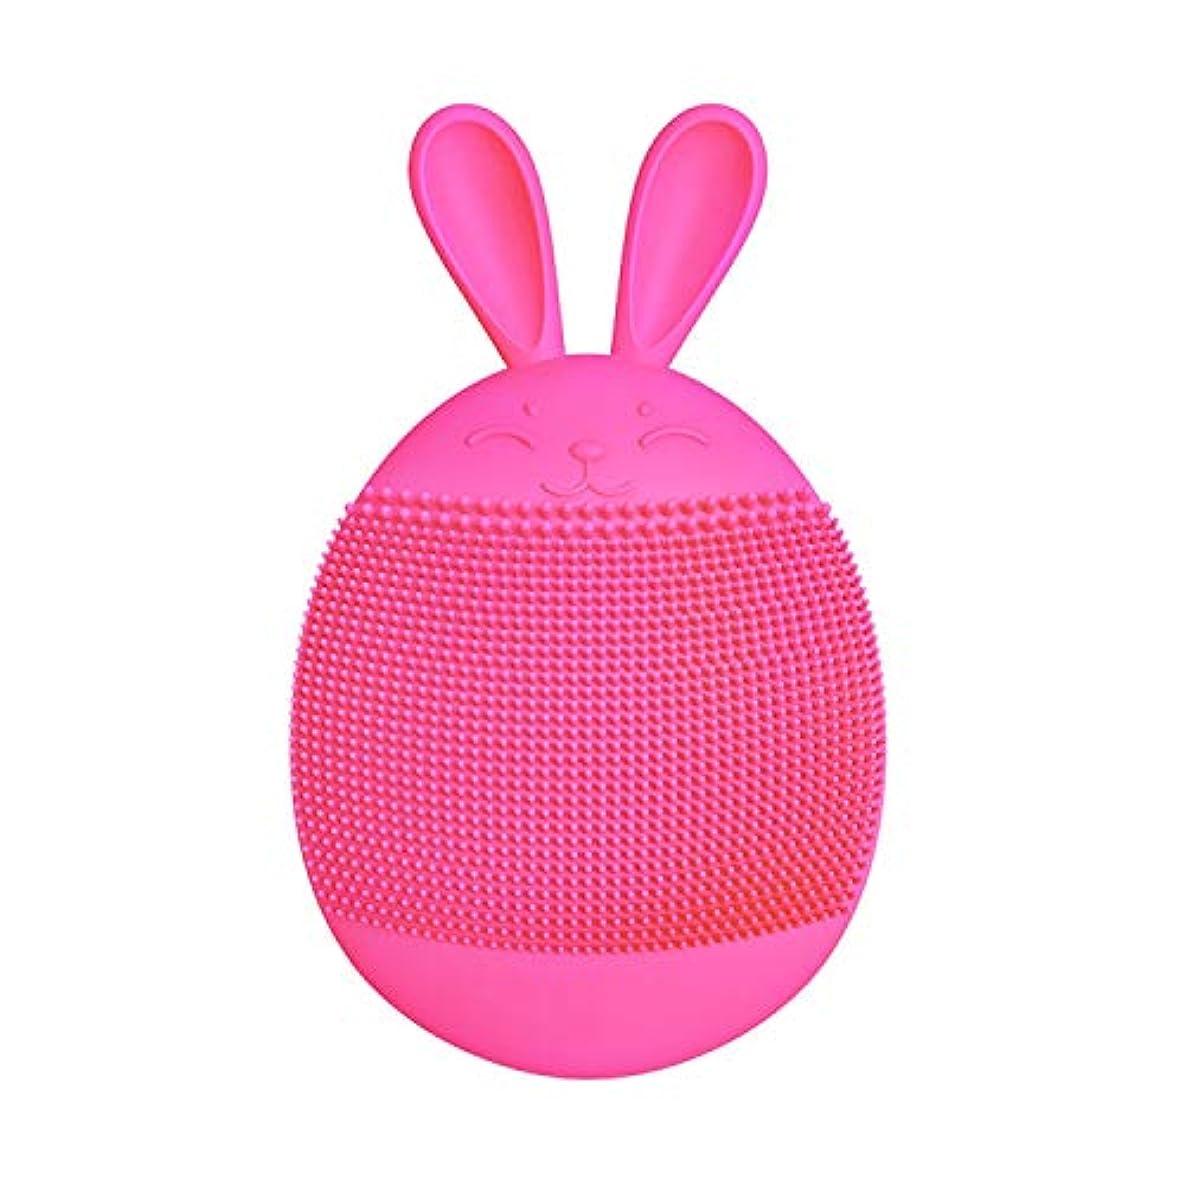 フレッシュルビー見かけ上クレンジングブラシ、シリコンハンドヘルド電動クレンジング楽器多機能ポータブル洗顔美容器具(ピンク),D